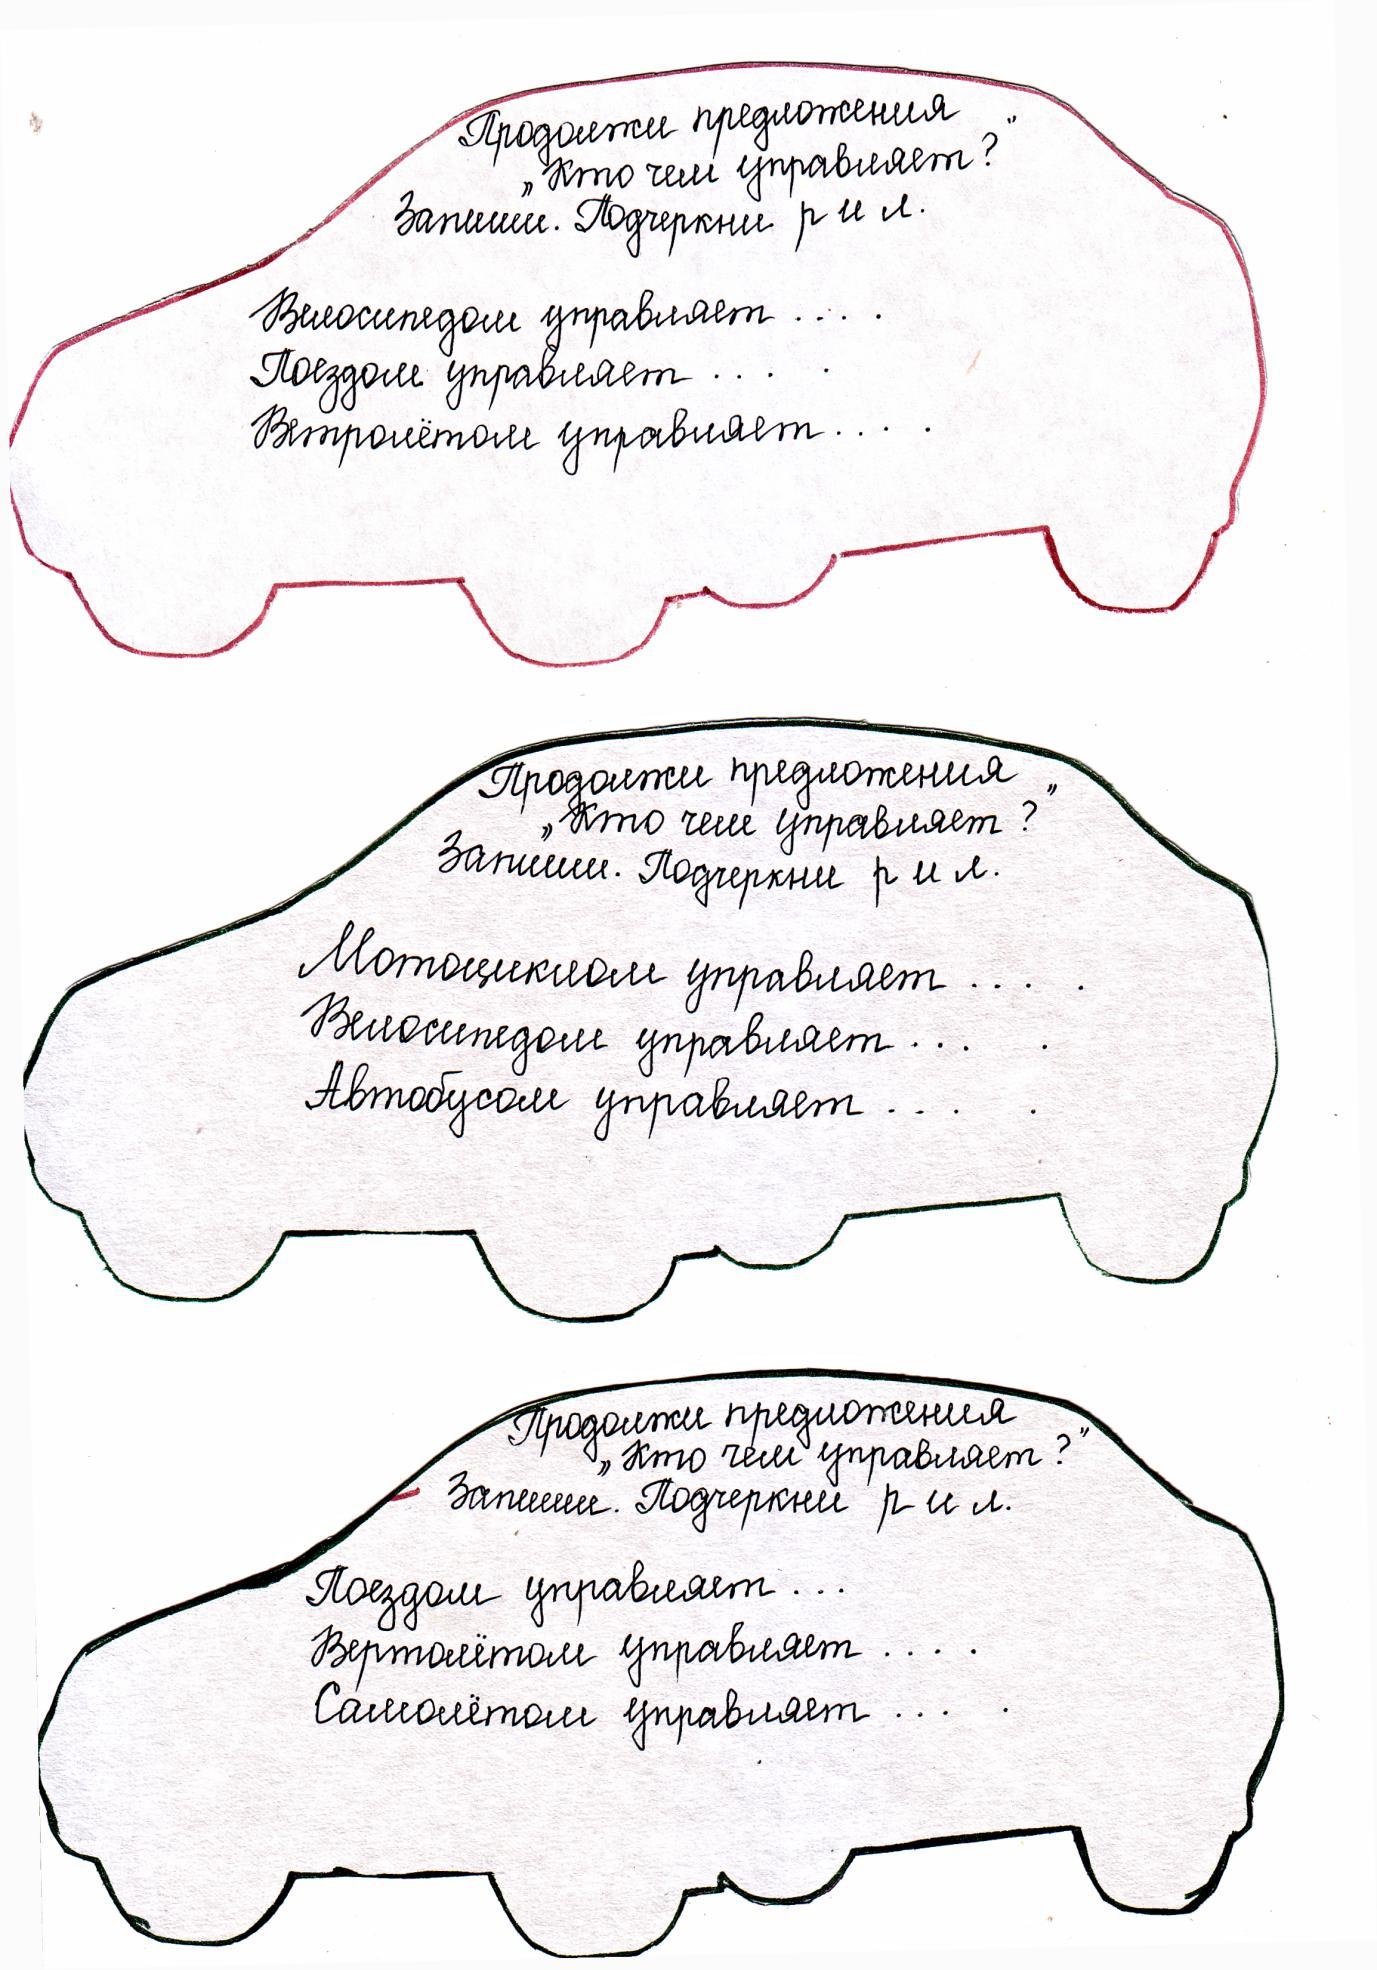 E:\Рабочий материал\Сказочные герои\почтальон Печкин\л-р4.tif